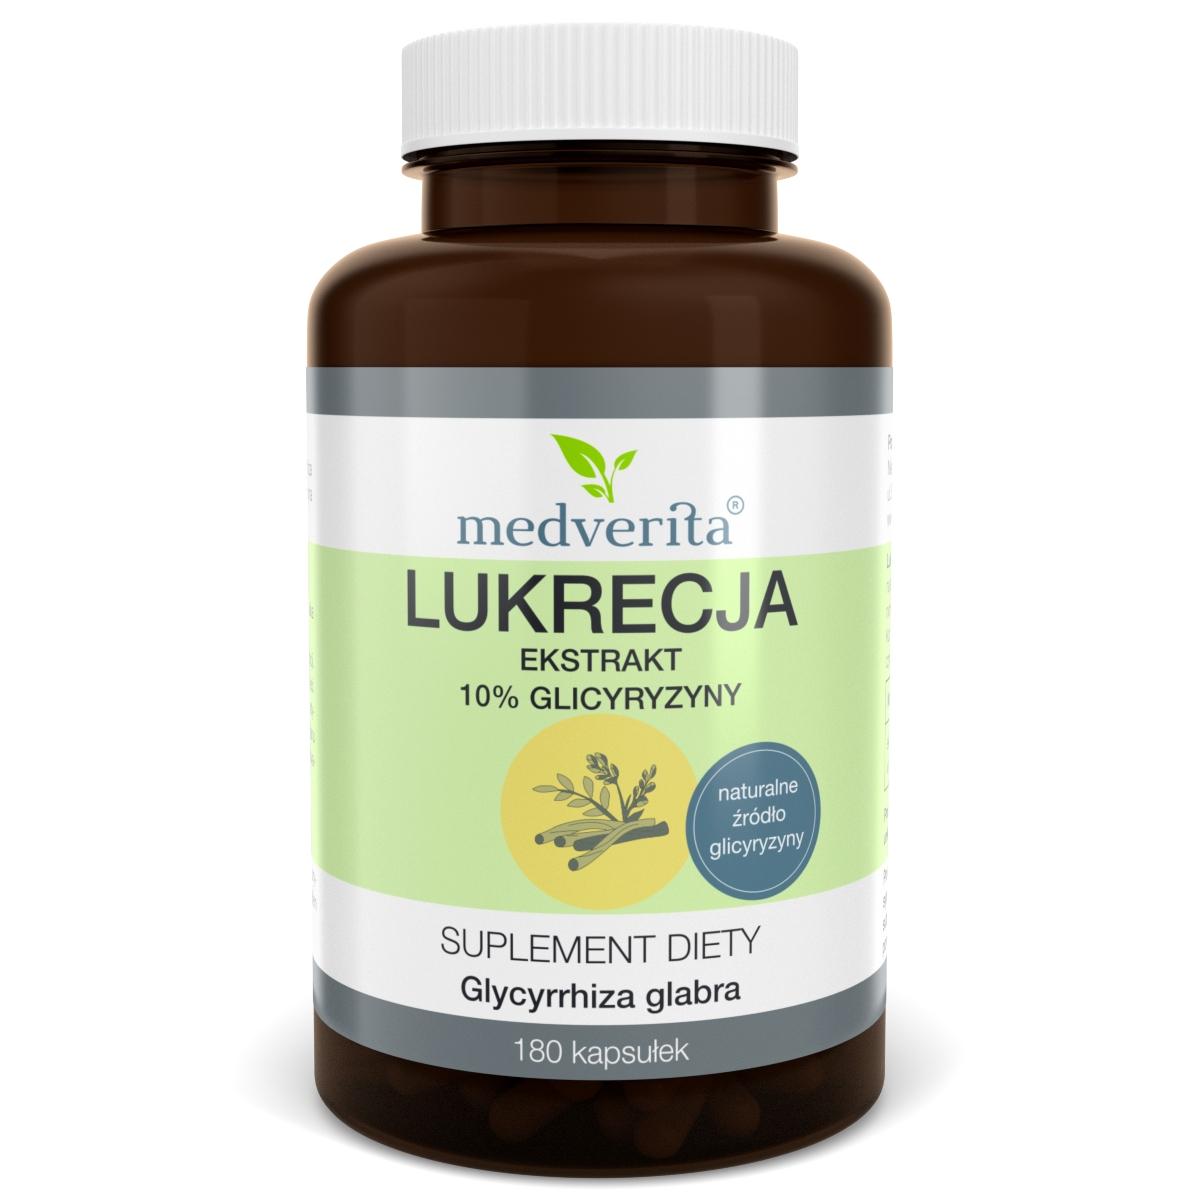 LUKRECJA ekstrakt z korzenia Glicyryzyna 180 kaps